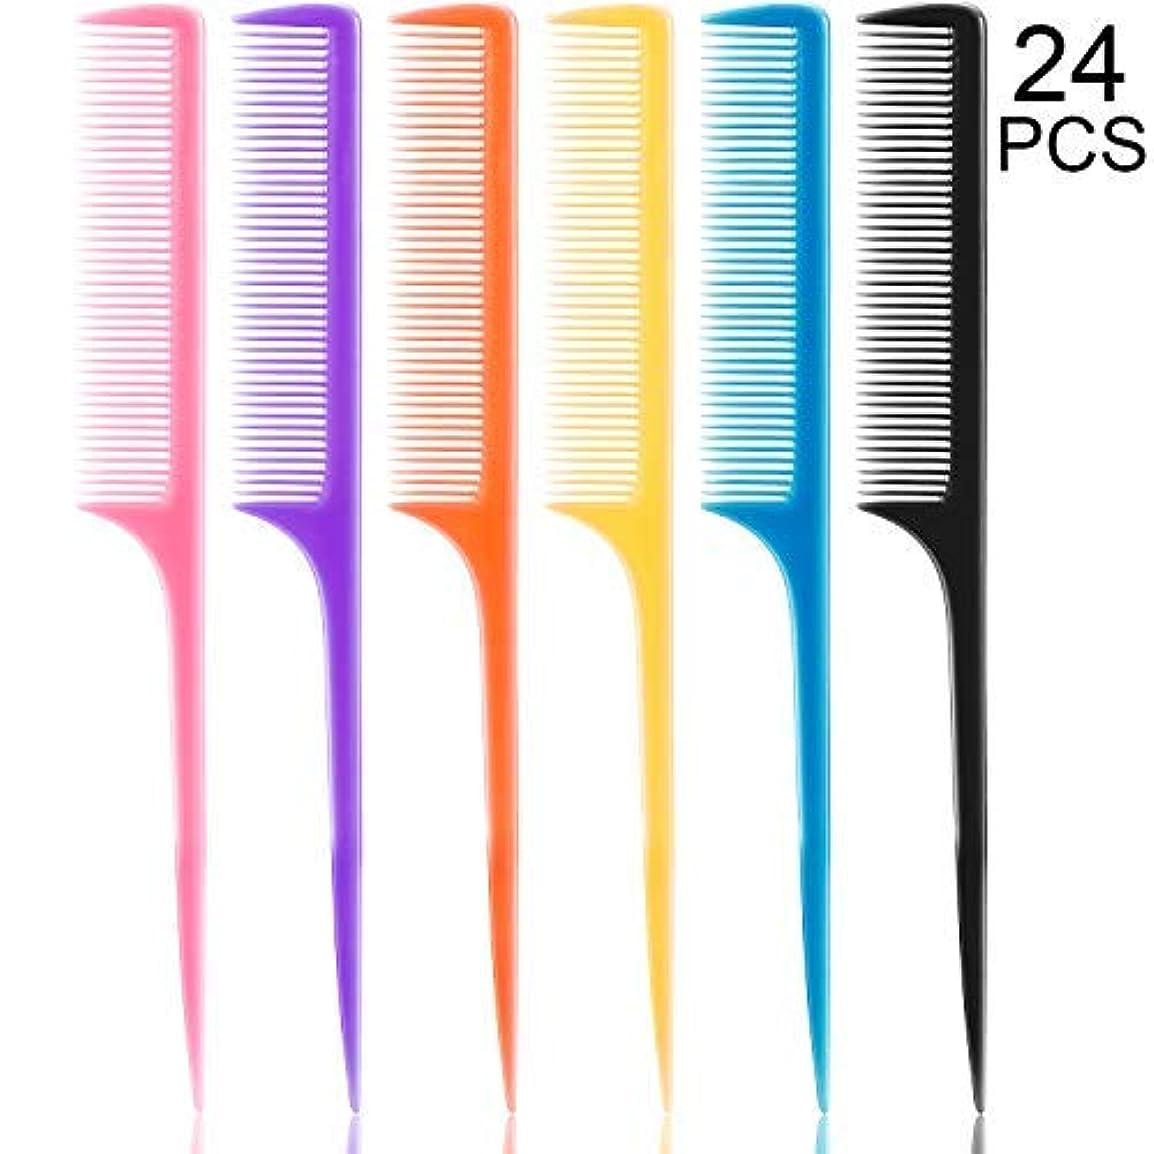 是正知覚する沈黙24 Pieces Plastic Rat Tail Combs 8.5 Inch Fine-tooth Hair Combs Pin Tail Hair Styling Combs with Thin and Long...